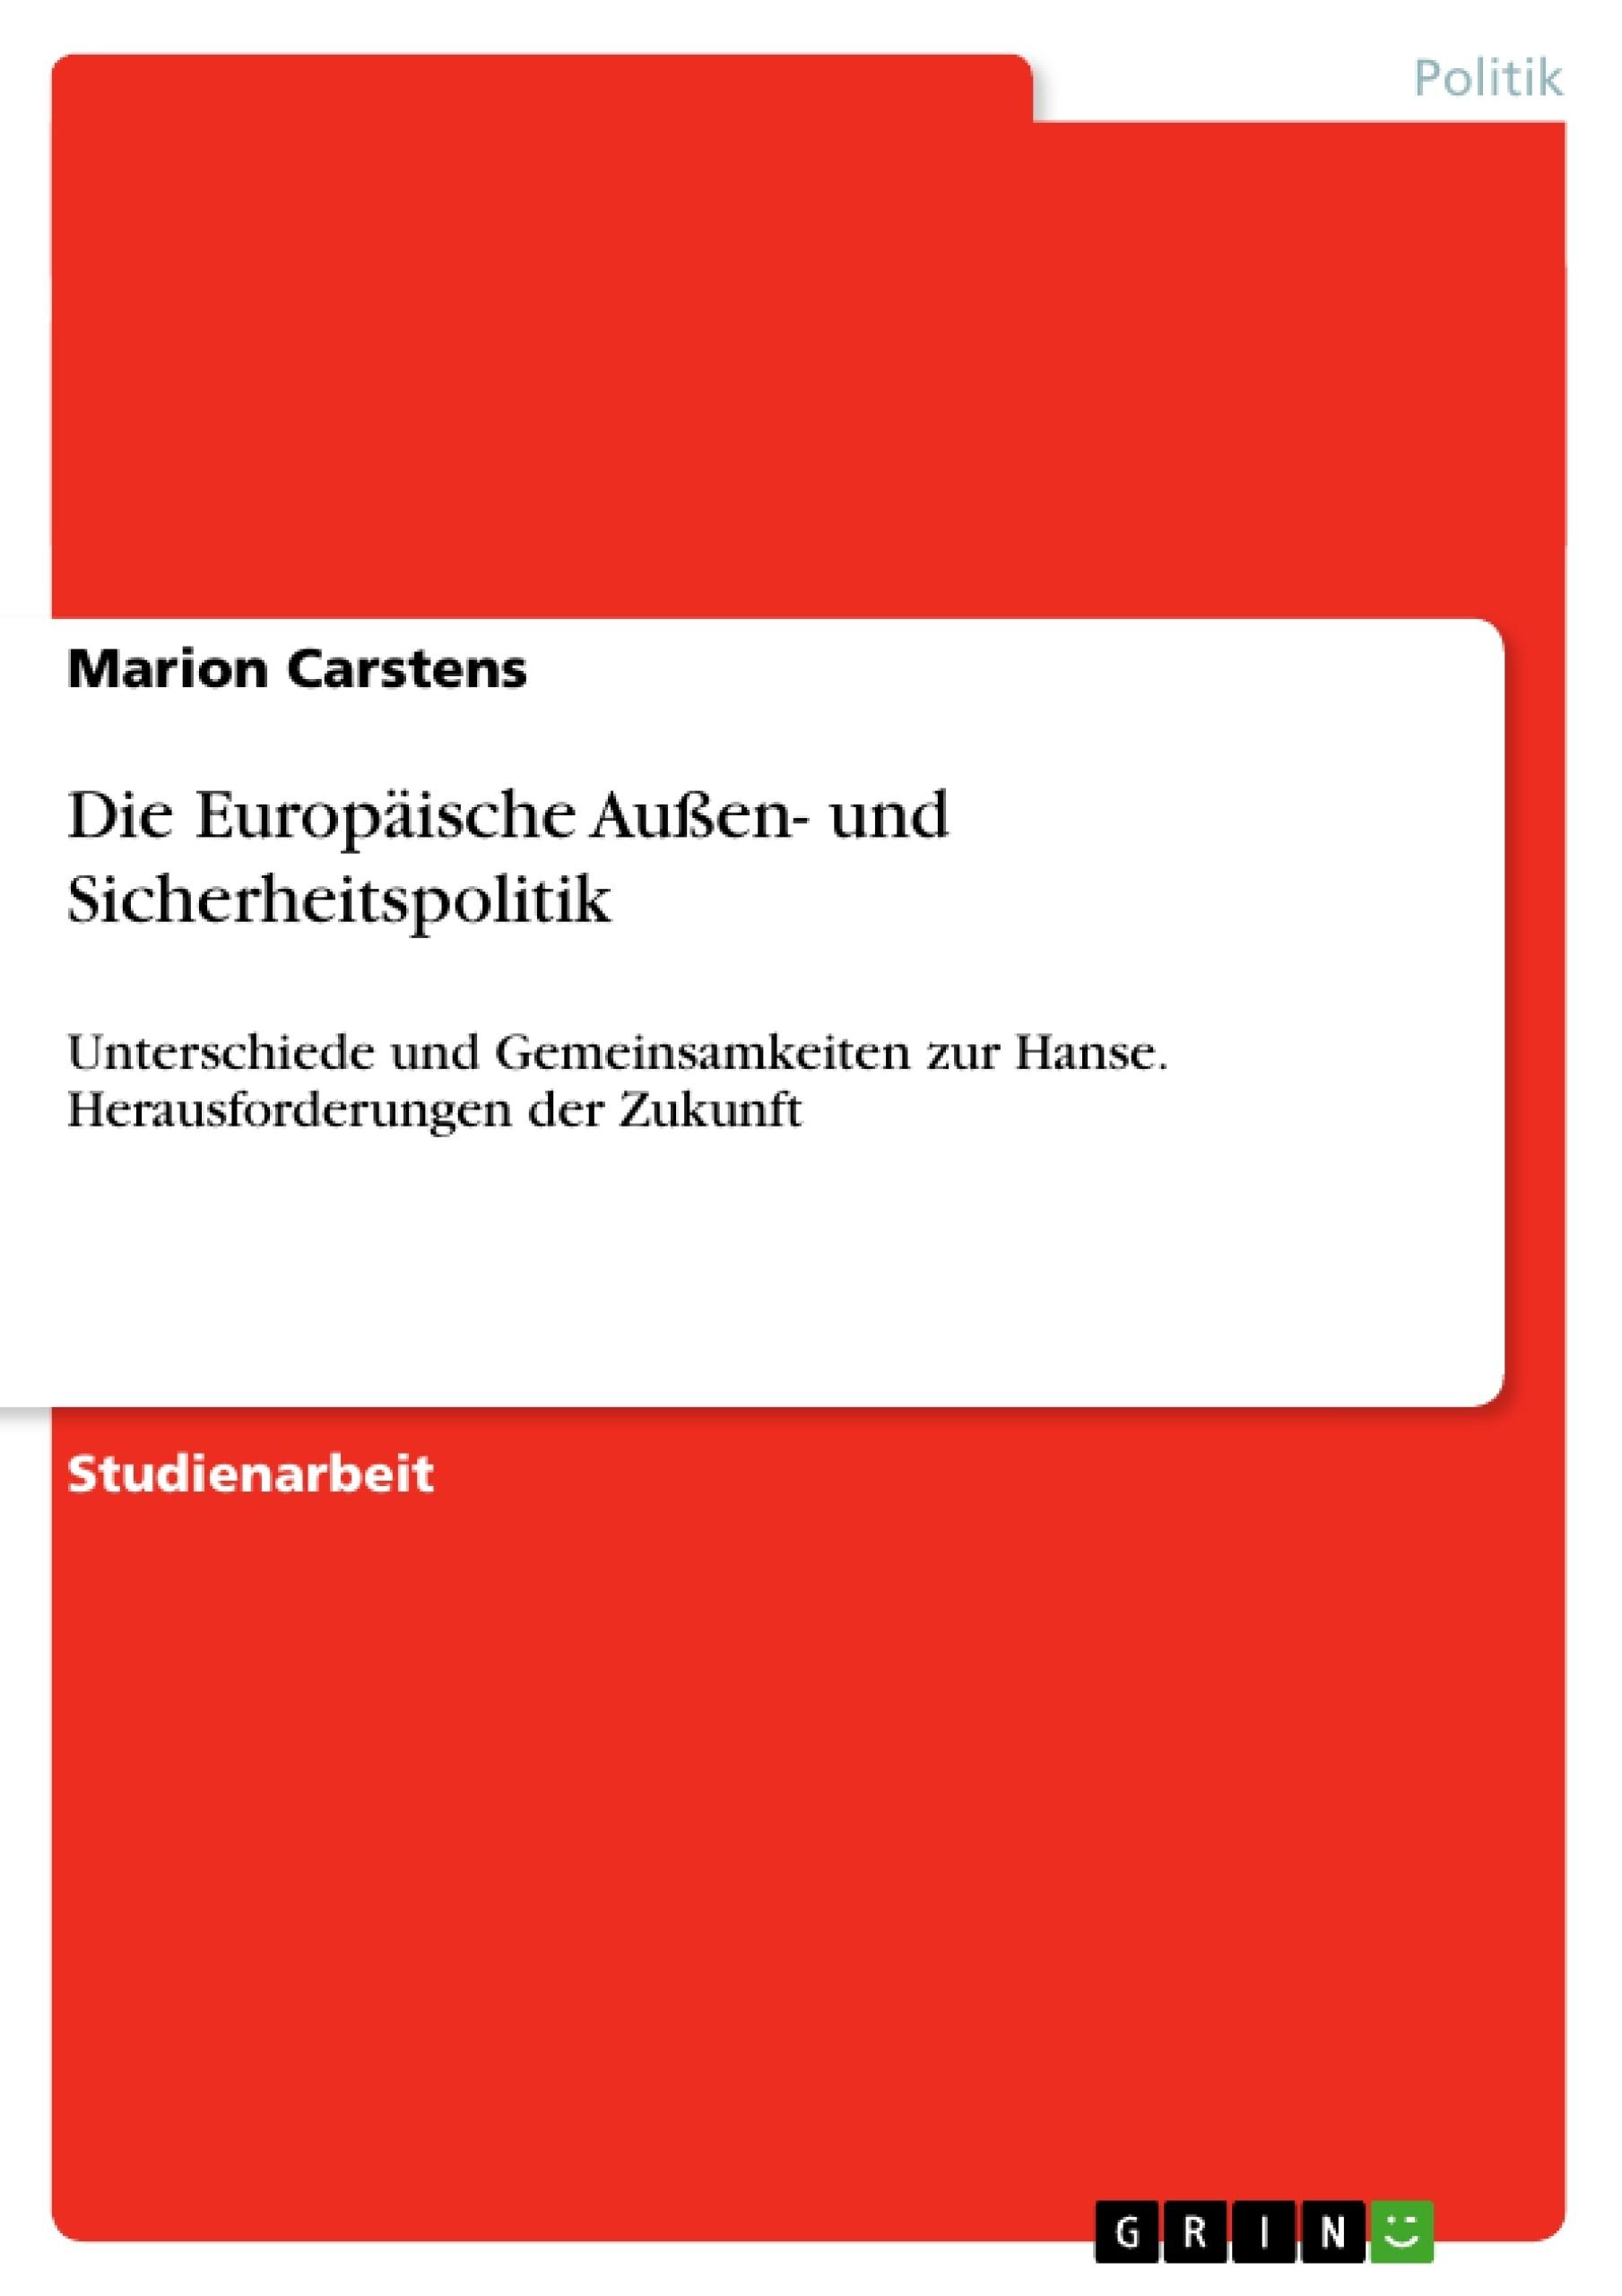 Titel: Die Europäische Außen- und Sicherheitspolitik